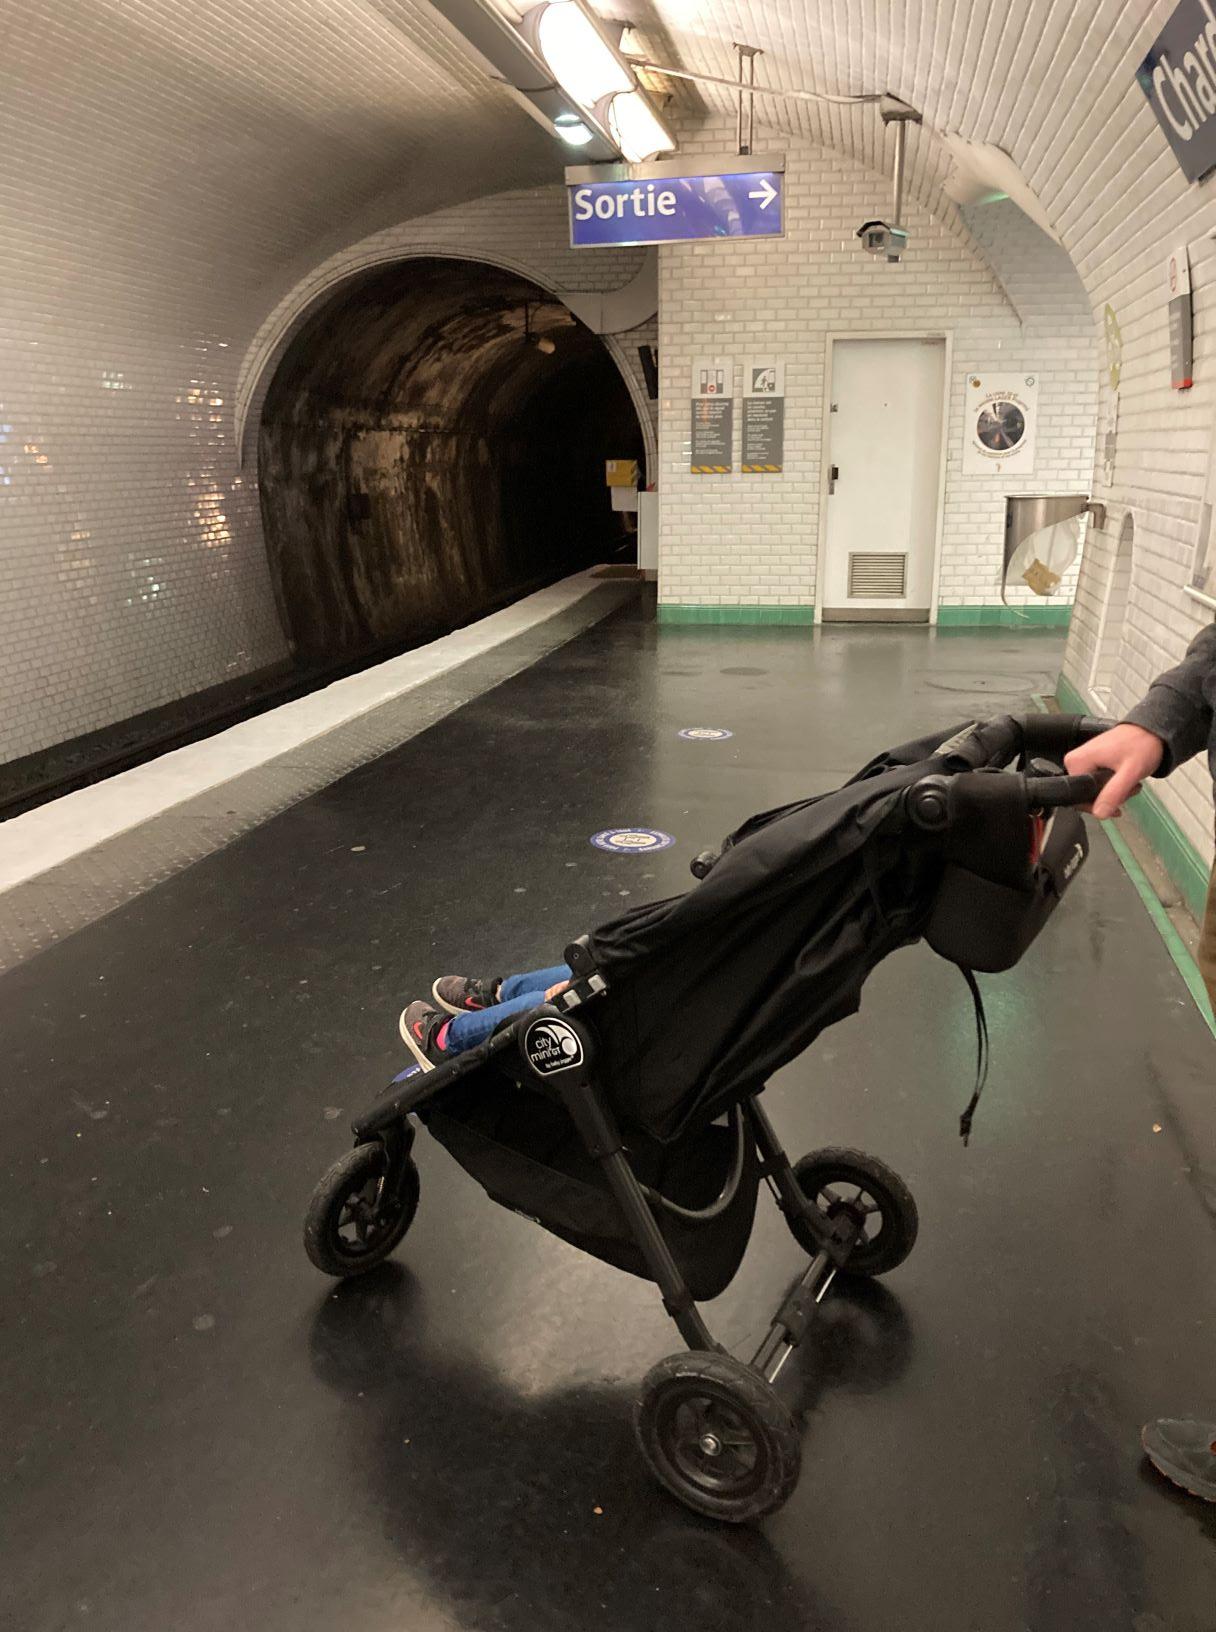 subway sortie